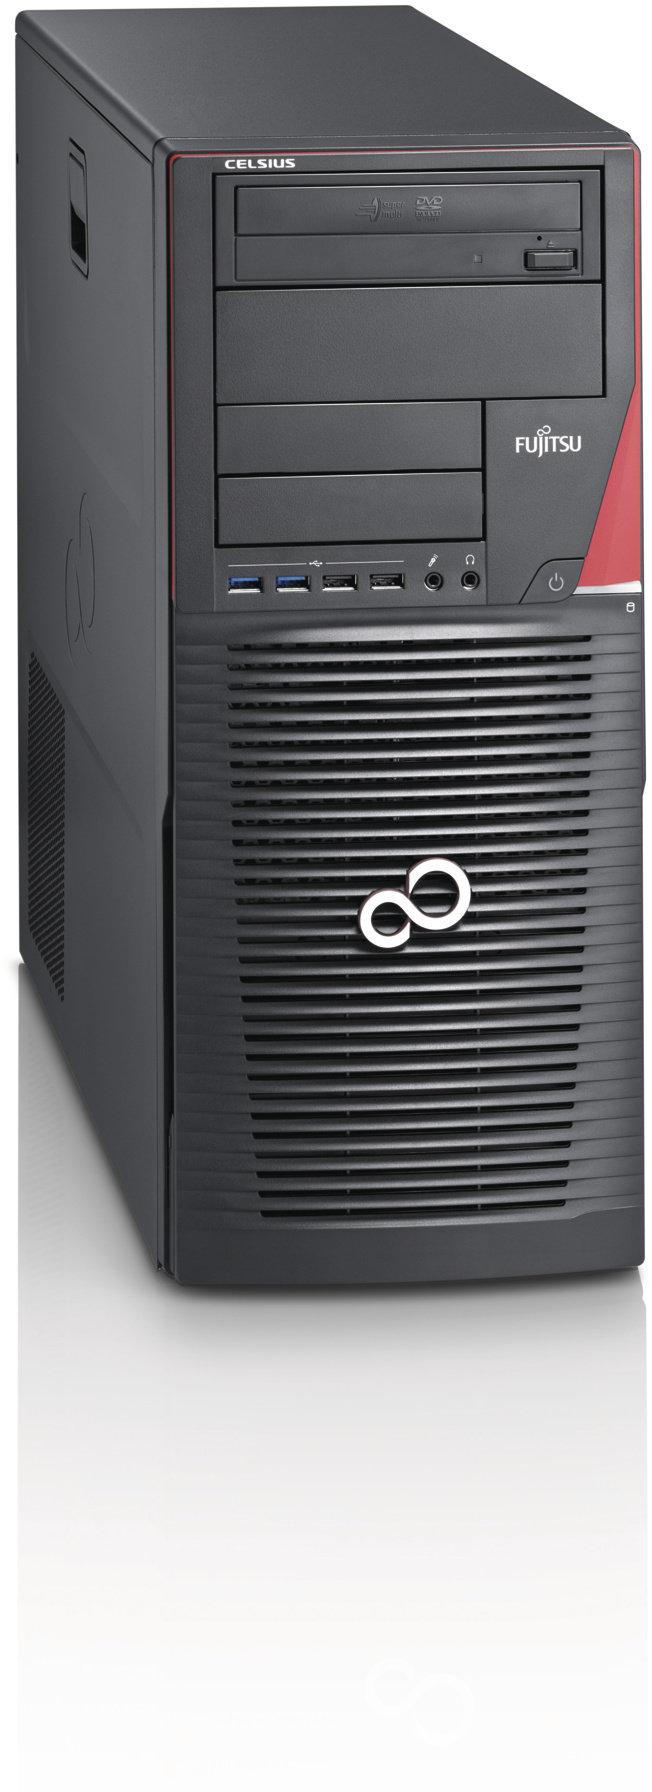 Fujitsu Celsius M730